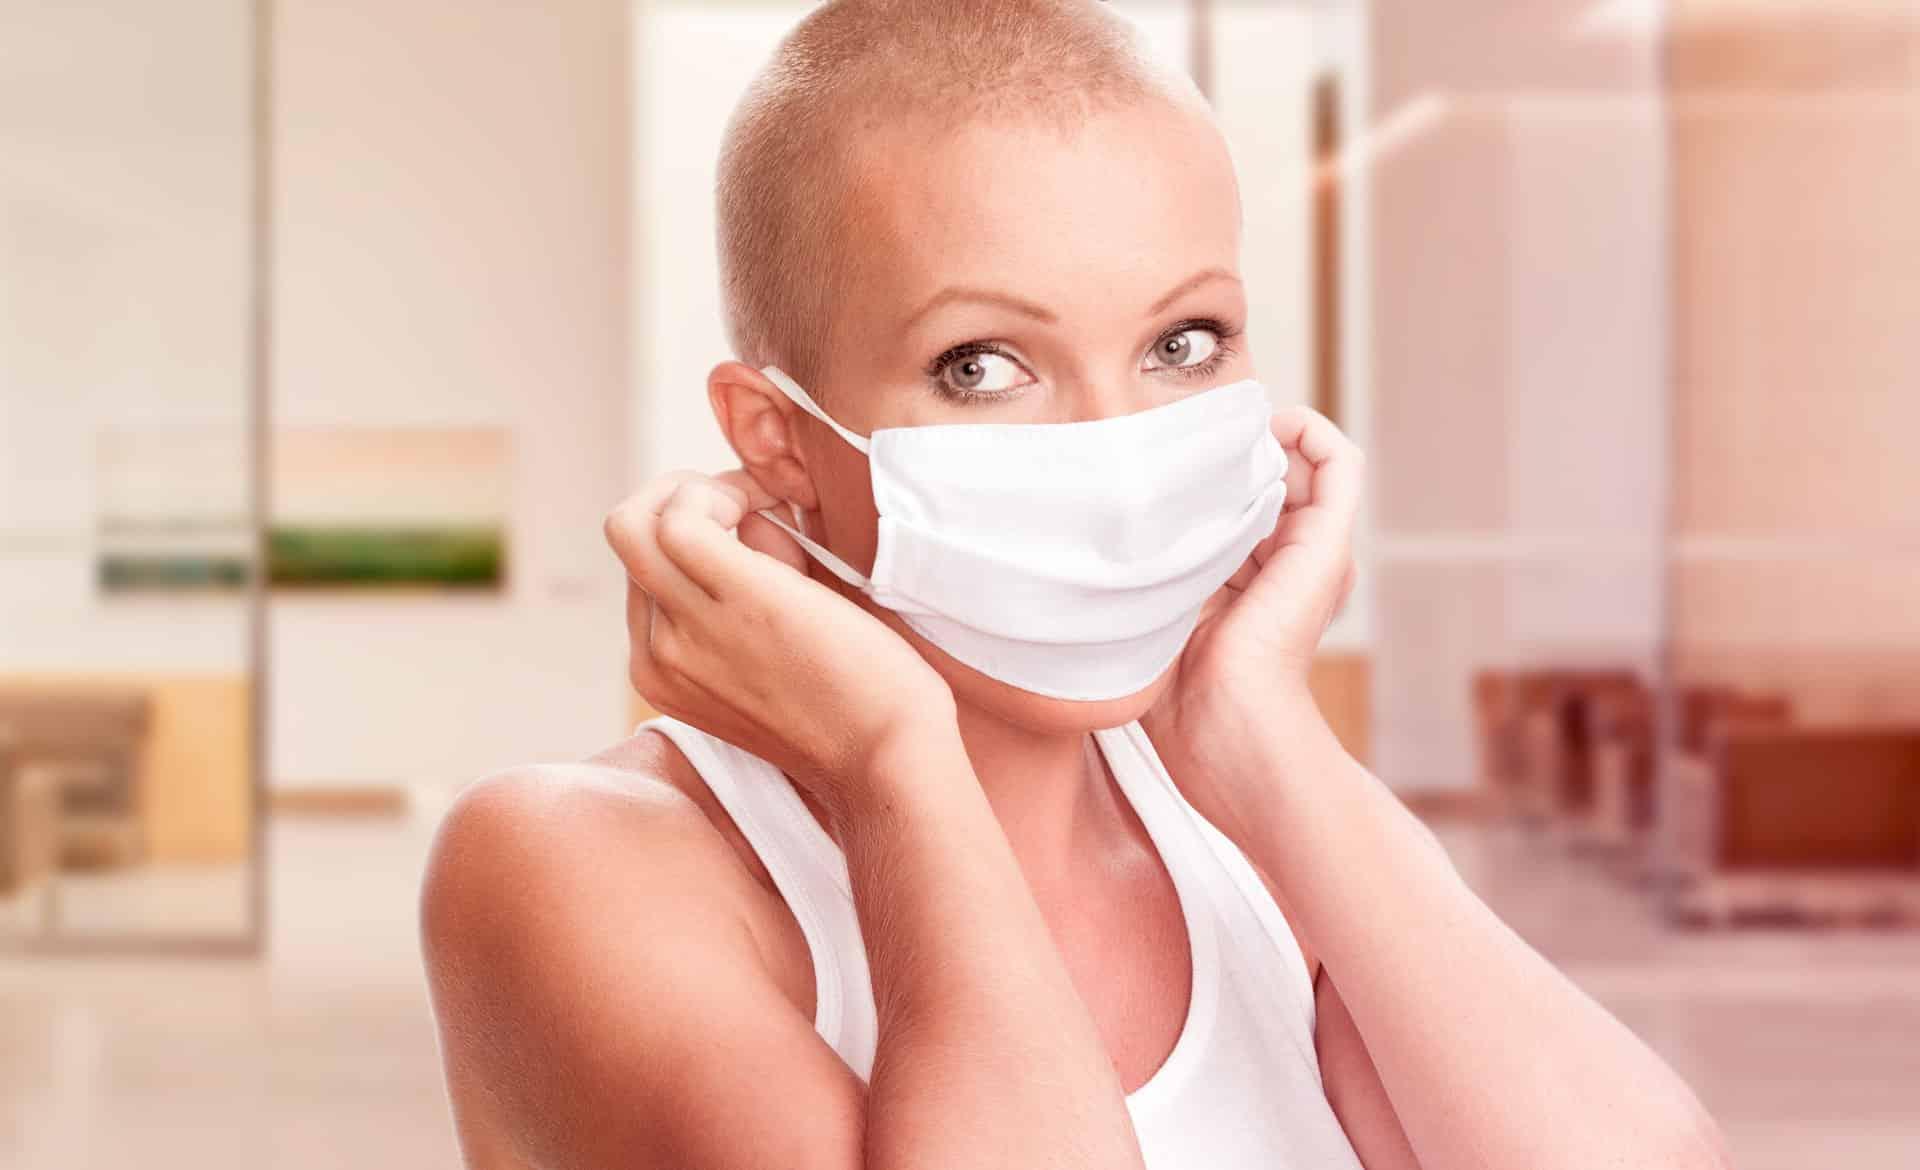 Teremos mais mortes por câncer devido à pandemia?